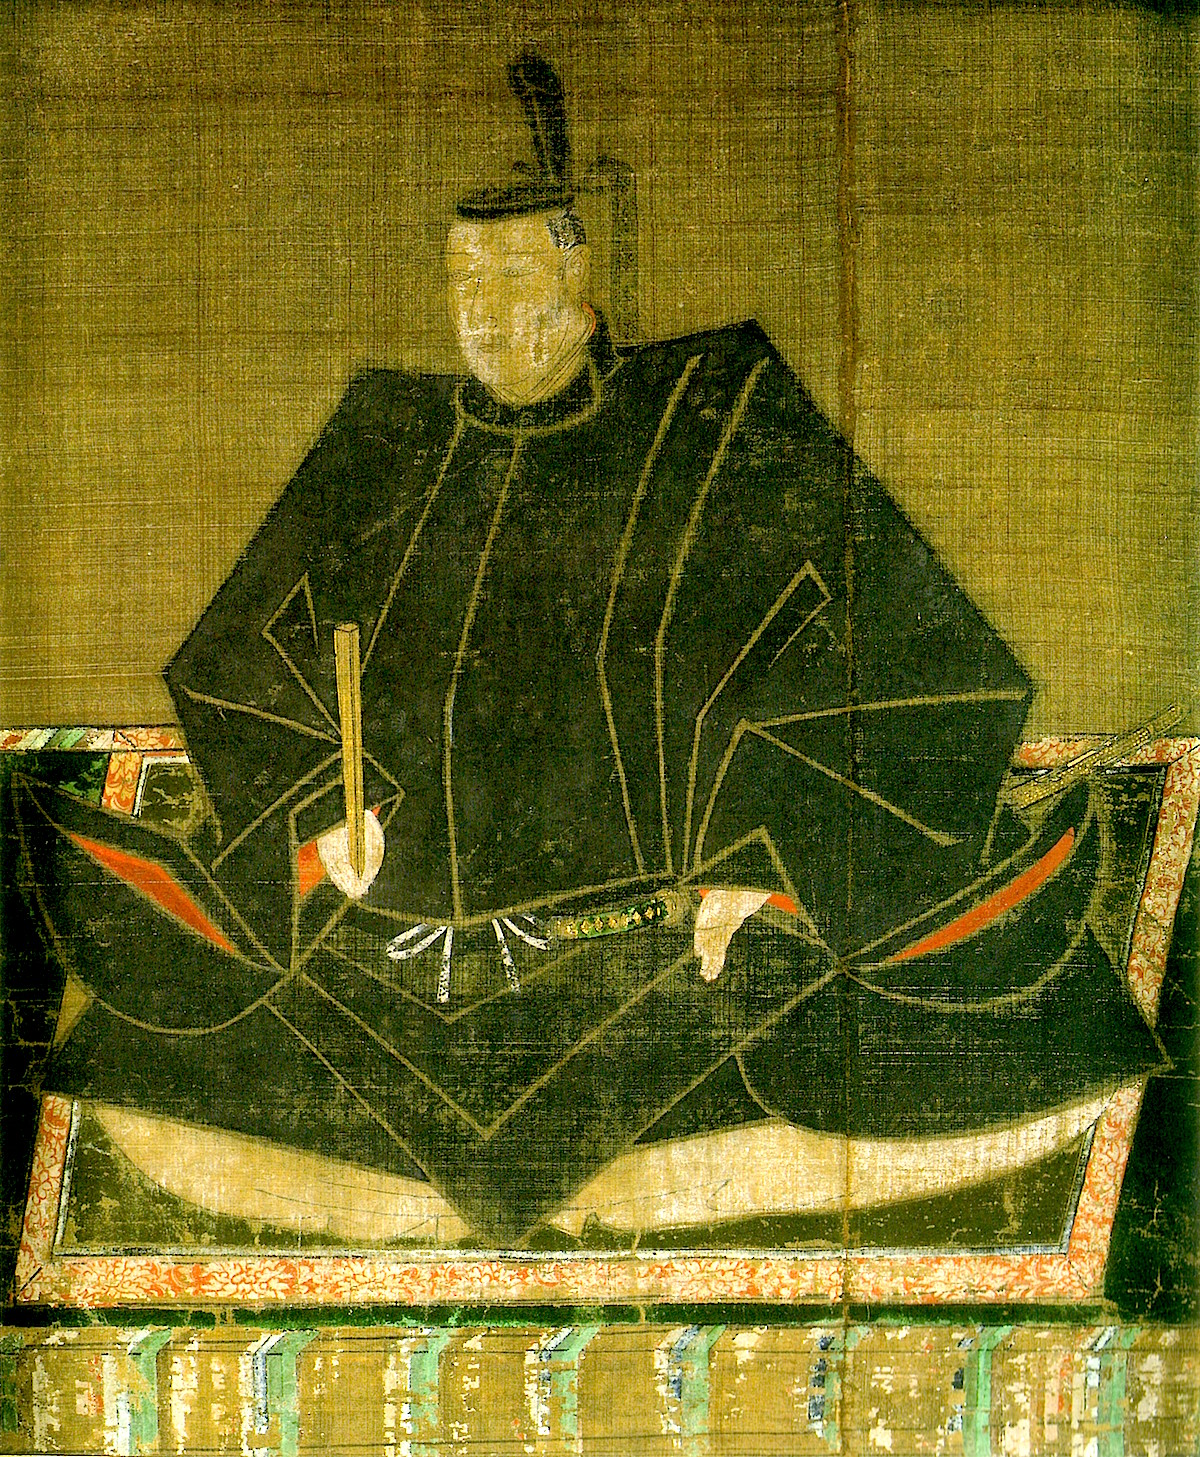 徳川家康の四男、松平忠吉は関ヶ原の戦いで受けた傷が元で28歳で没しています